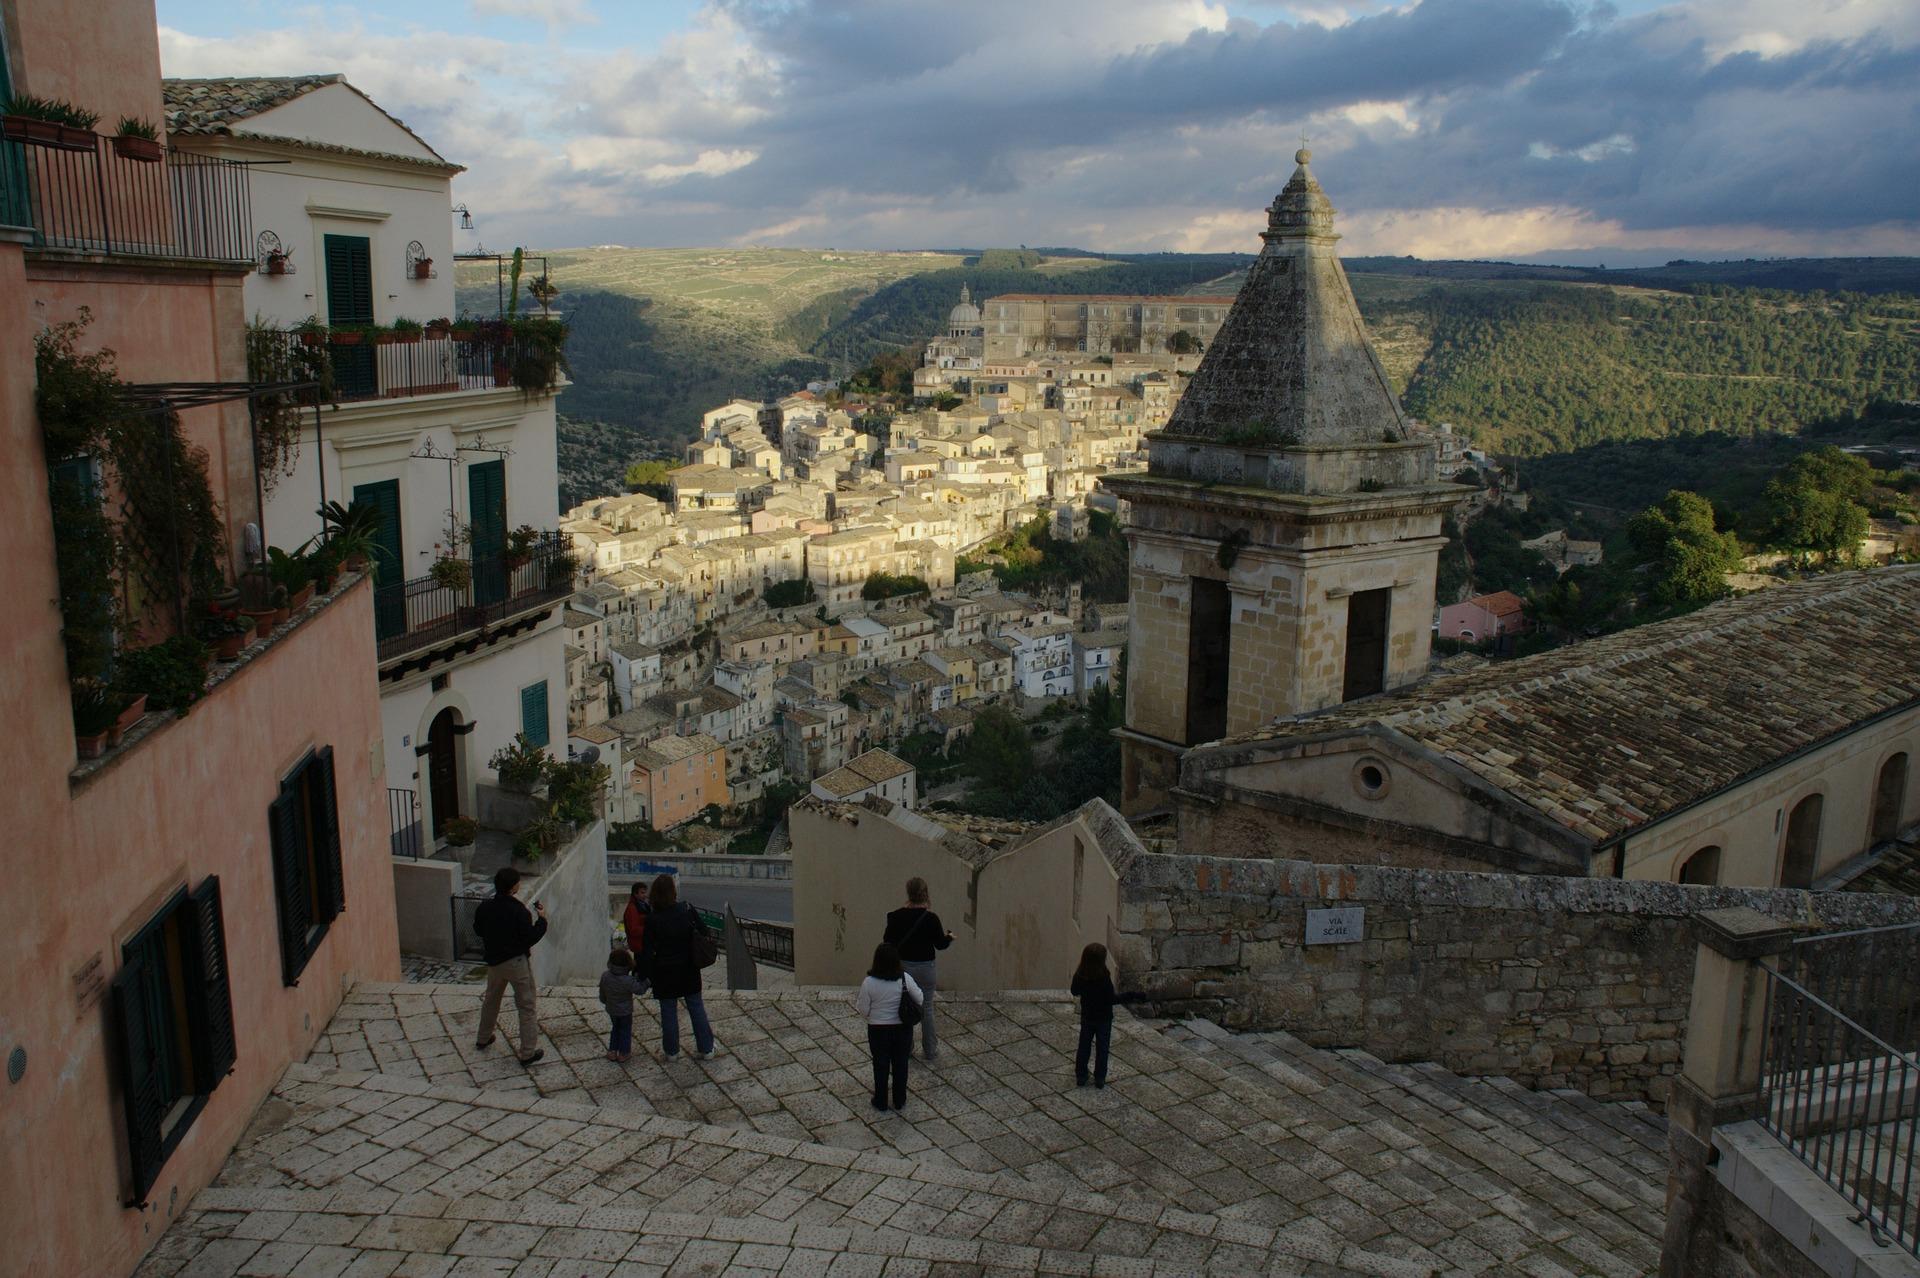 Historia en Ragusa - Barroco y visual